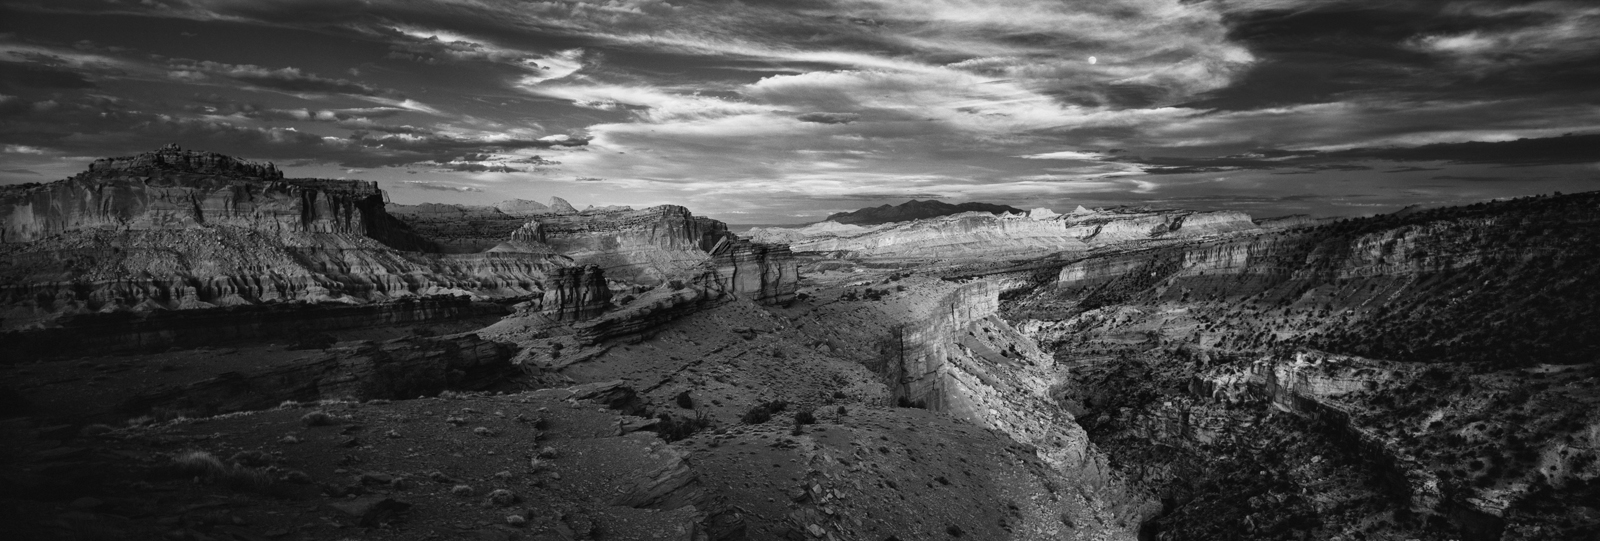 Capitol Reef National Park- Panoramic Point, Utah